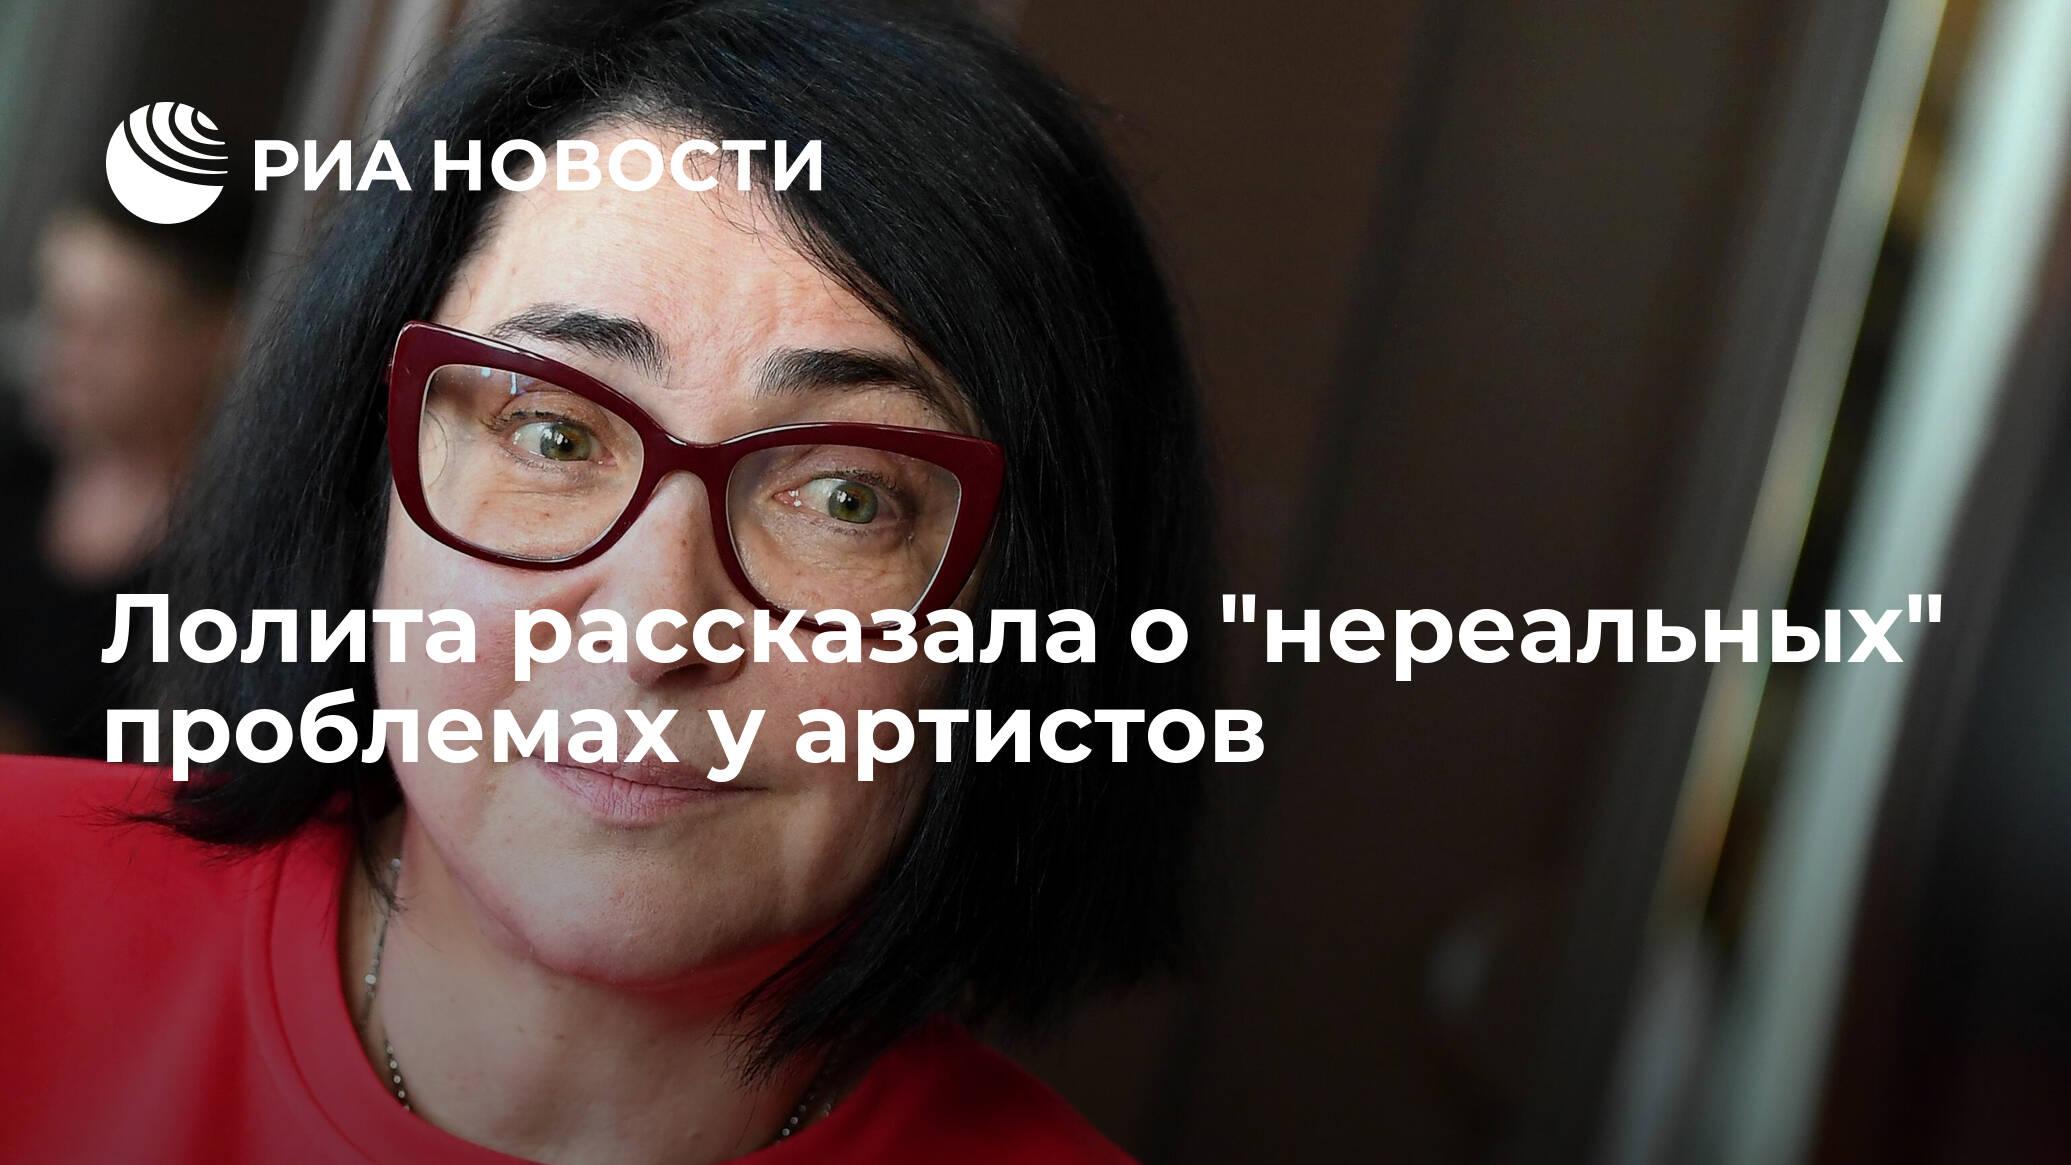 """Лолита рассказала о """"нереальных"""" проблемах у артистов - РИА Новости, 25.11.2020"""